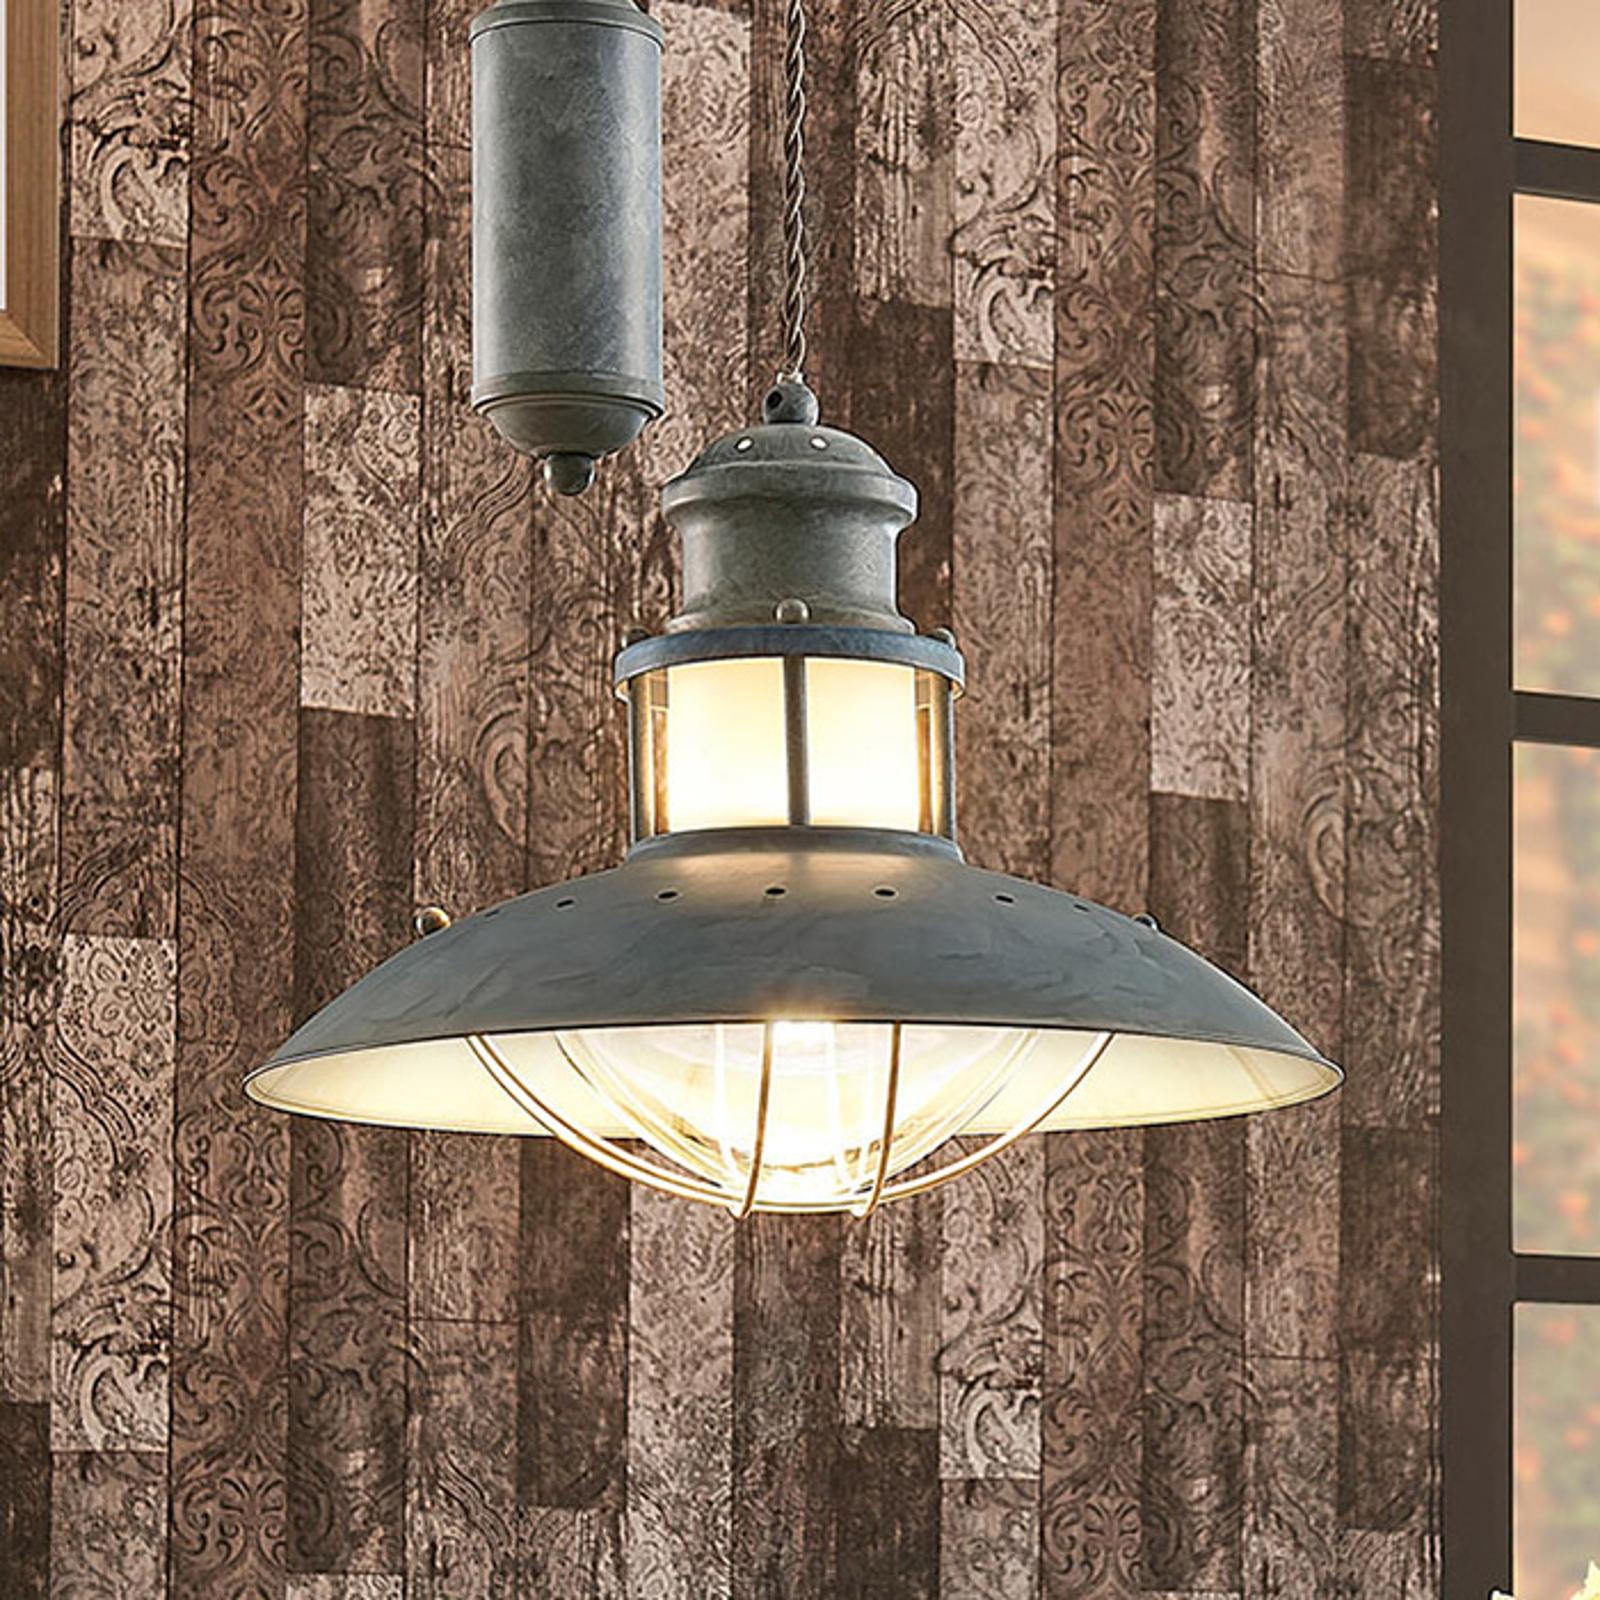 Louisanne - betonggrå pendellampe med jojopendel